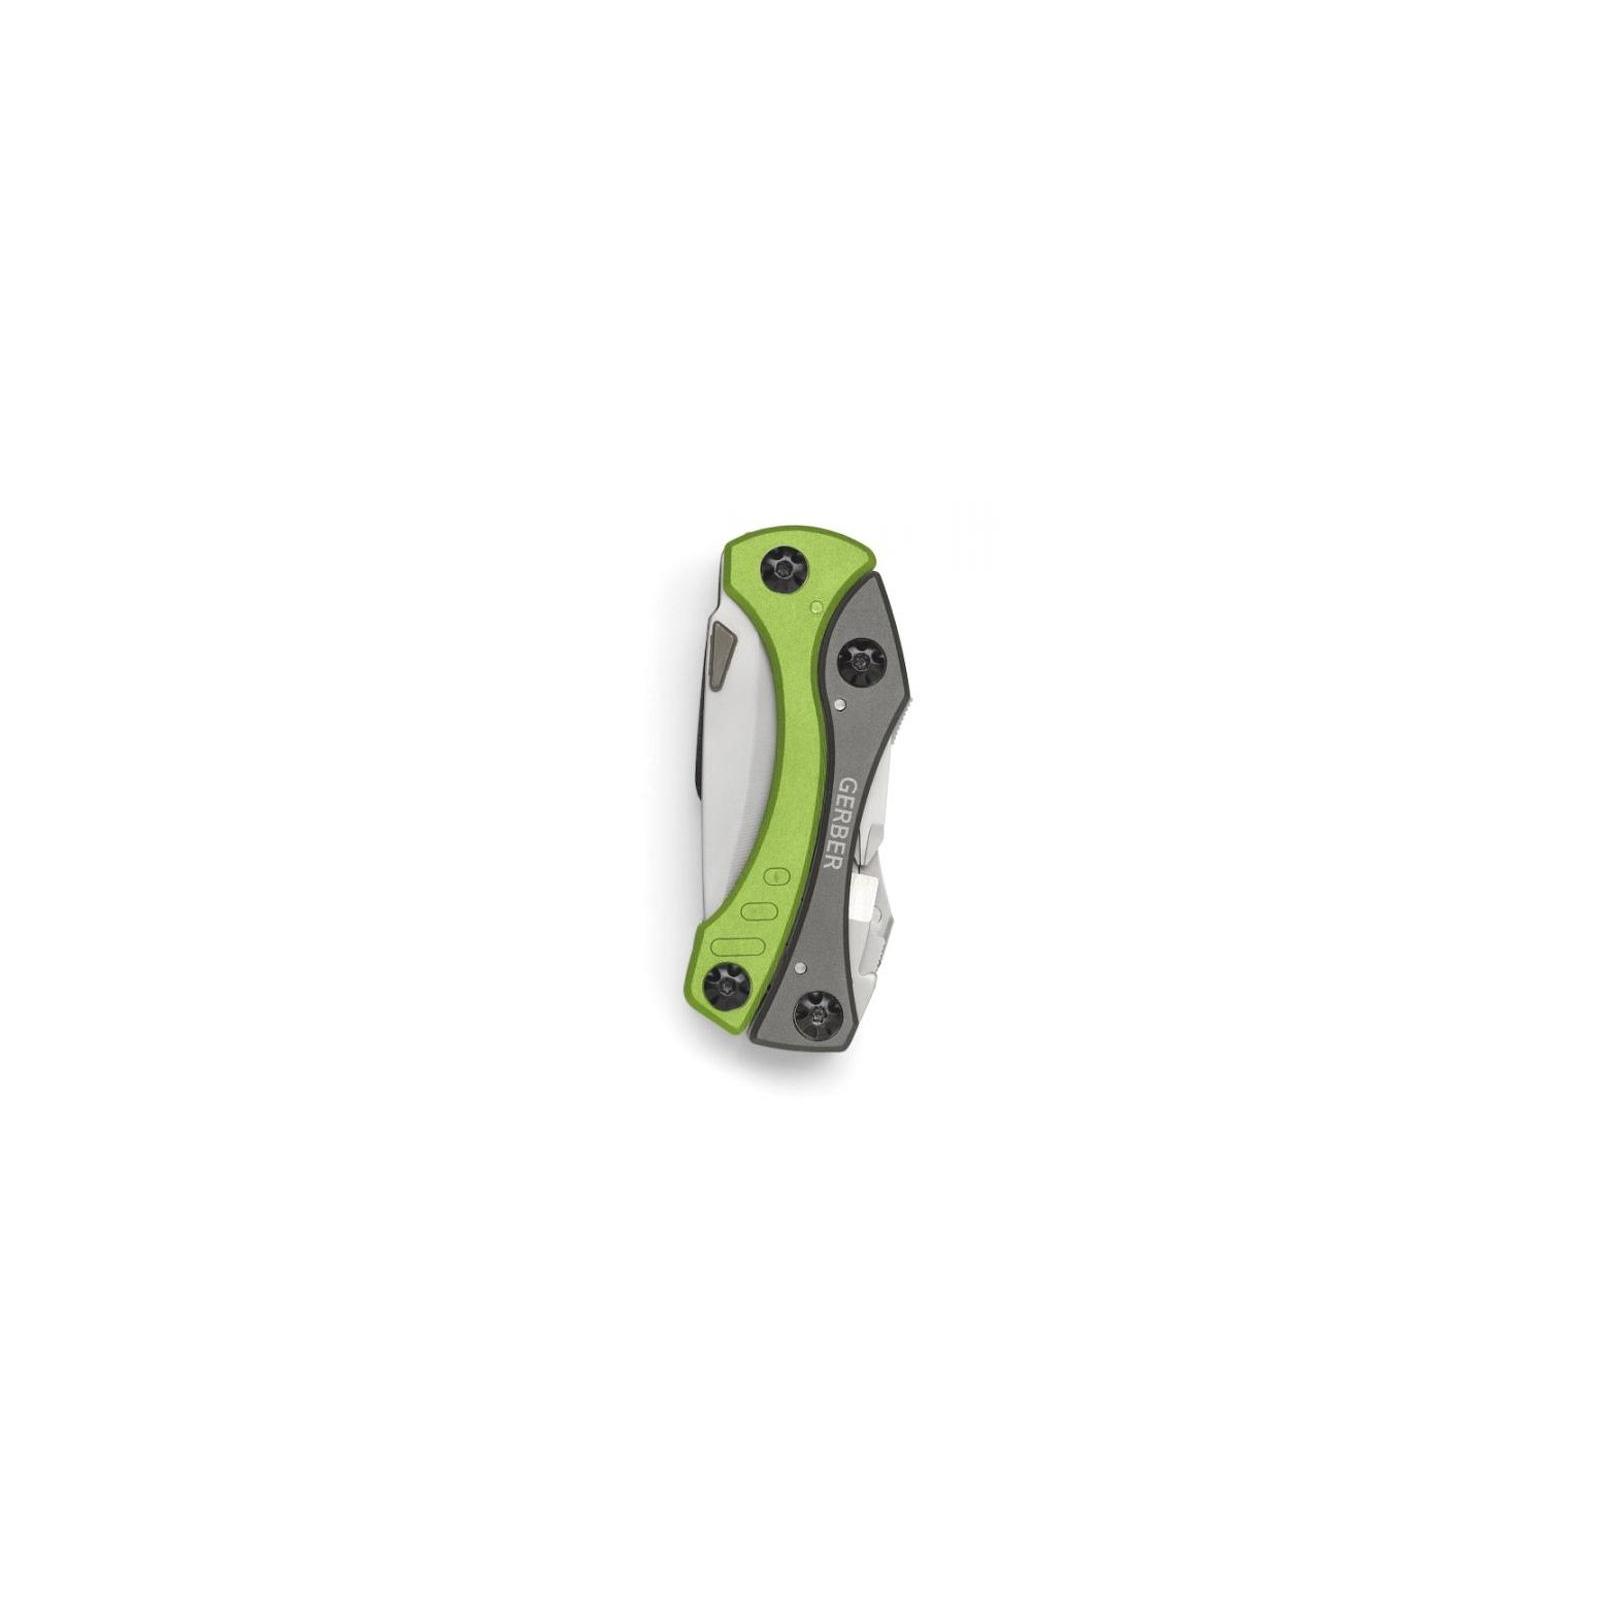 Мультитул Gerber Crucial Tool Green (31-003609) изображение 5